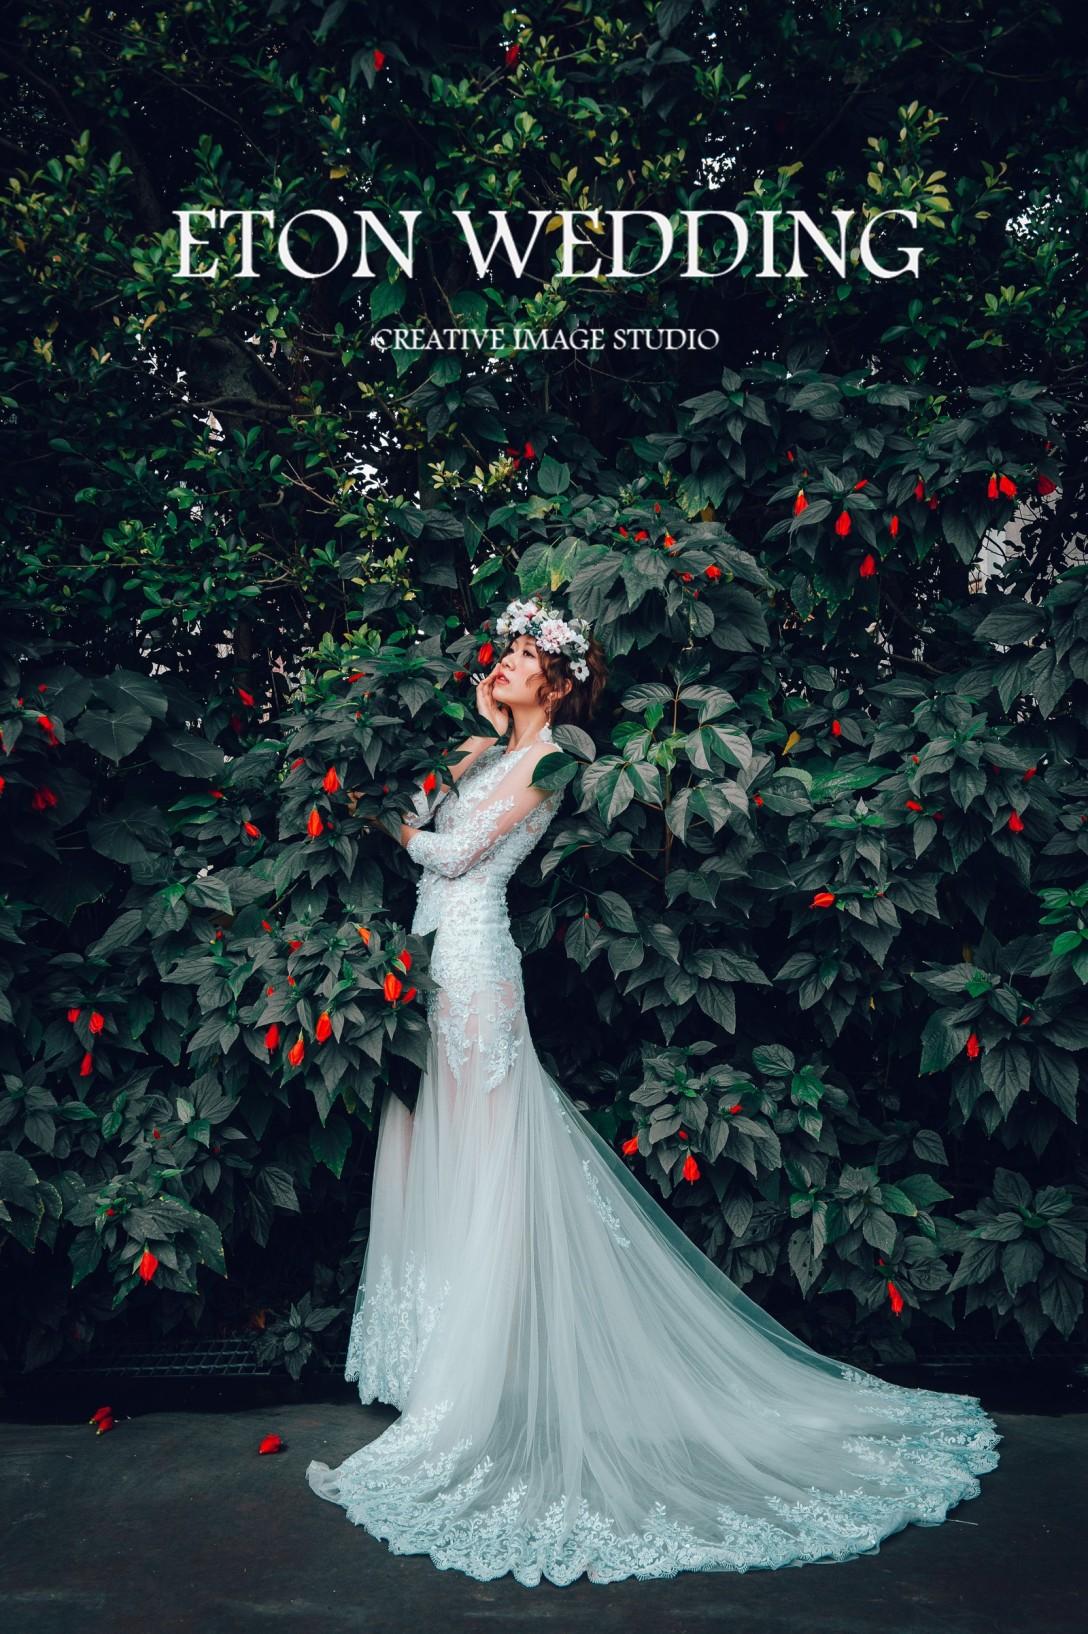 閨蜜寫真,閨蜜照,姐妹攝影,姐妹寫真,自助婚紗,bb18